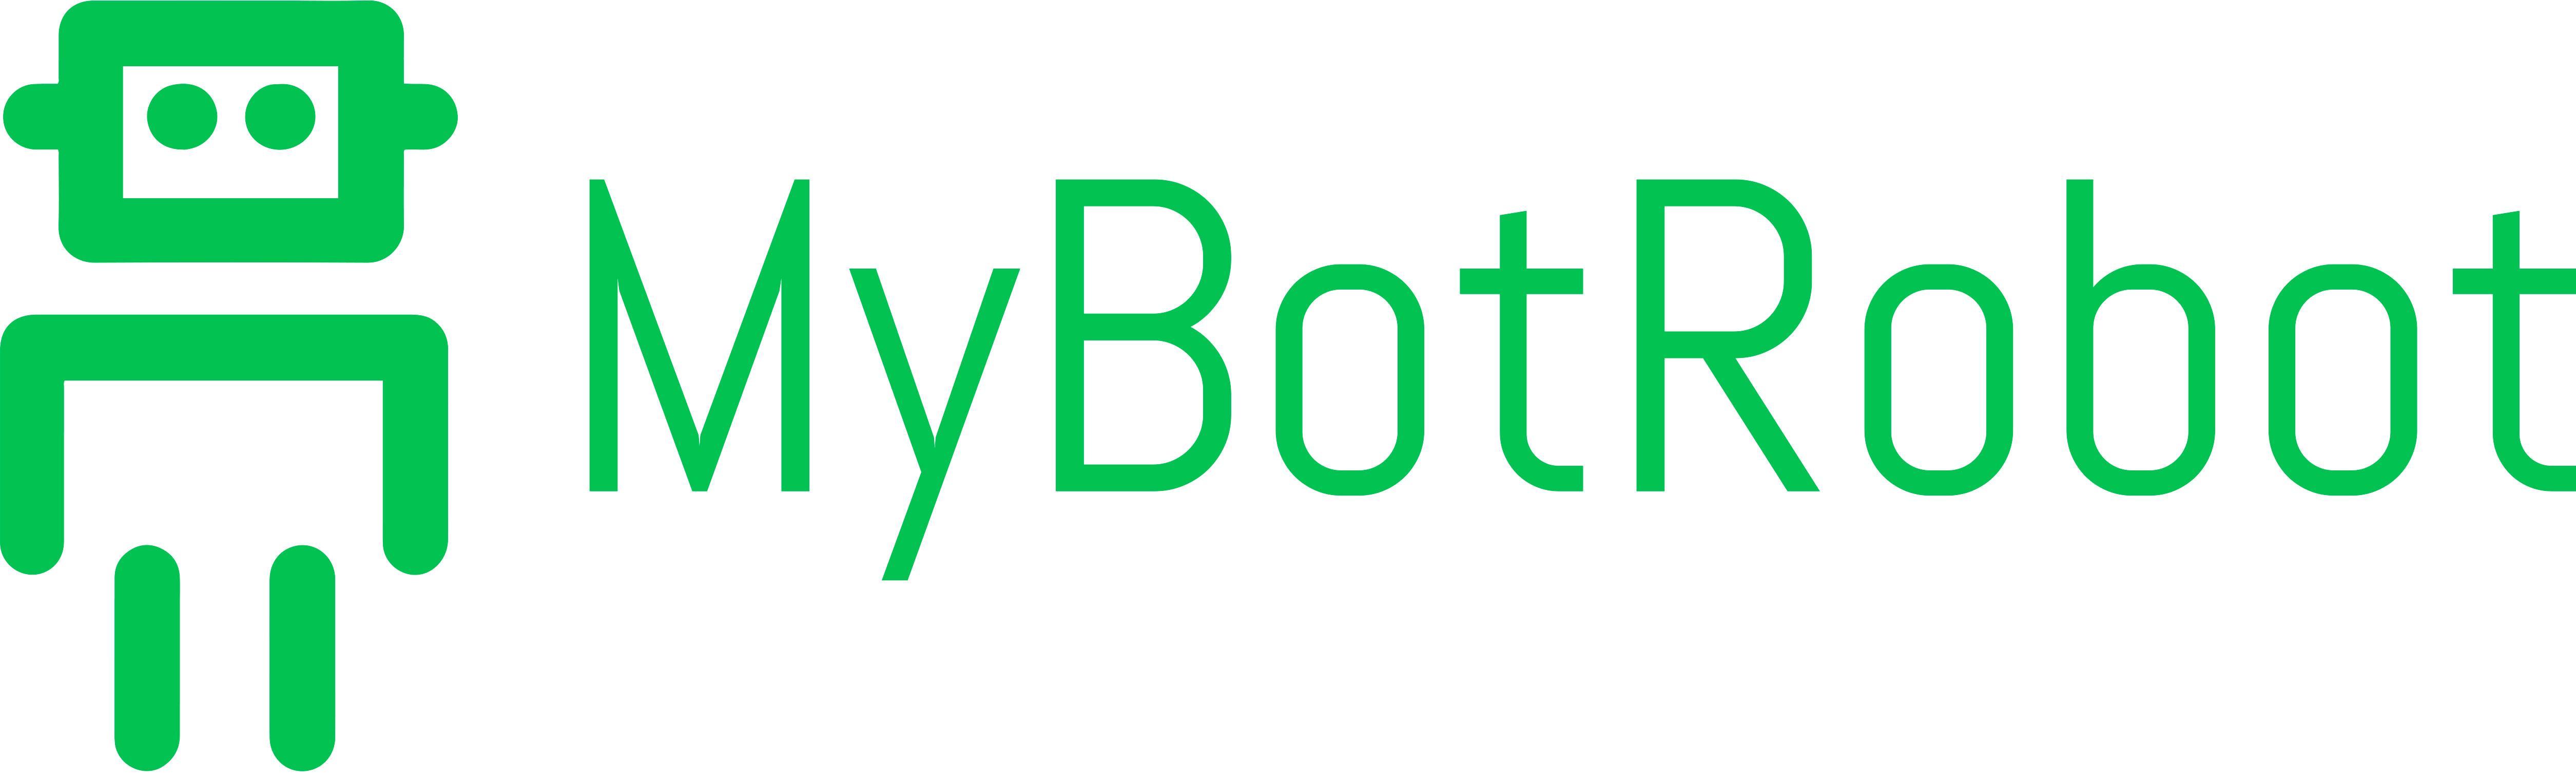 MyBotRobot – Guía de robótica lúdica y educativa